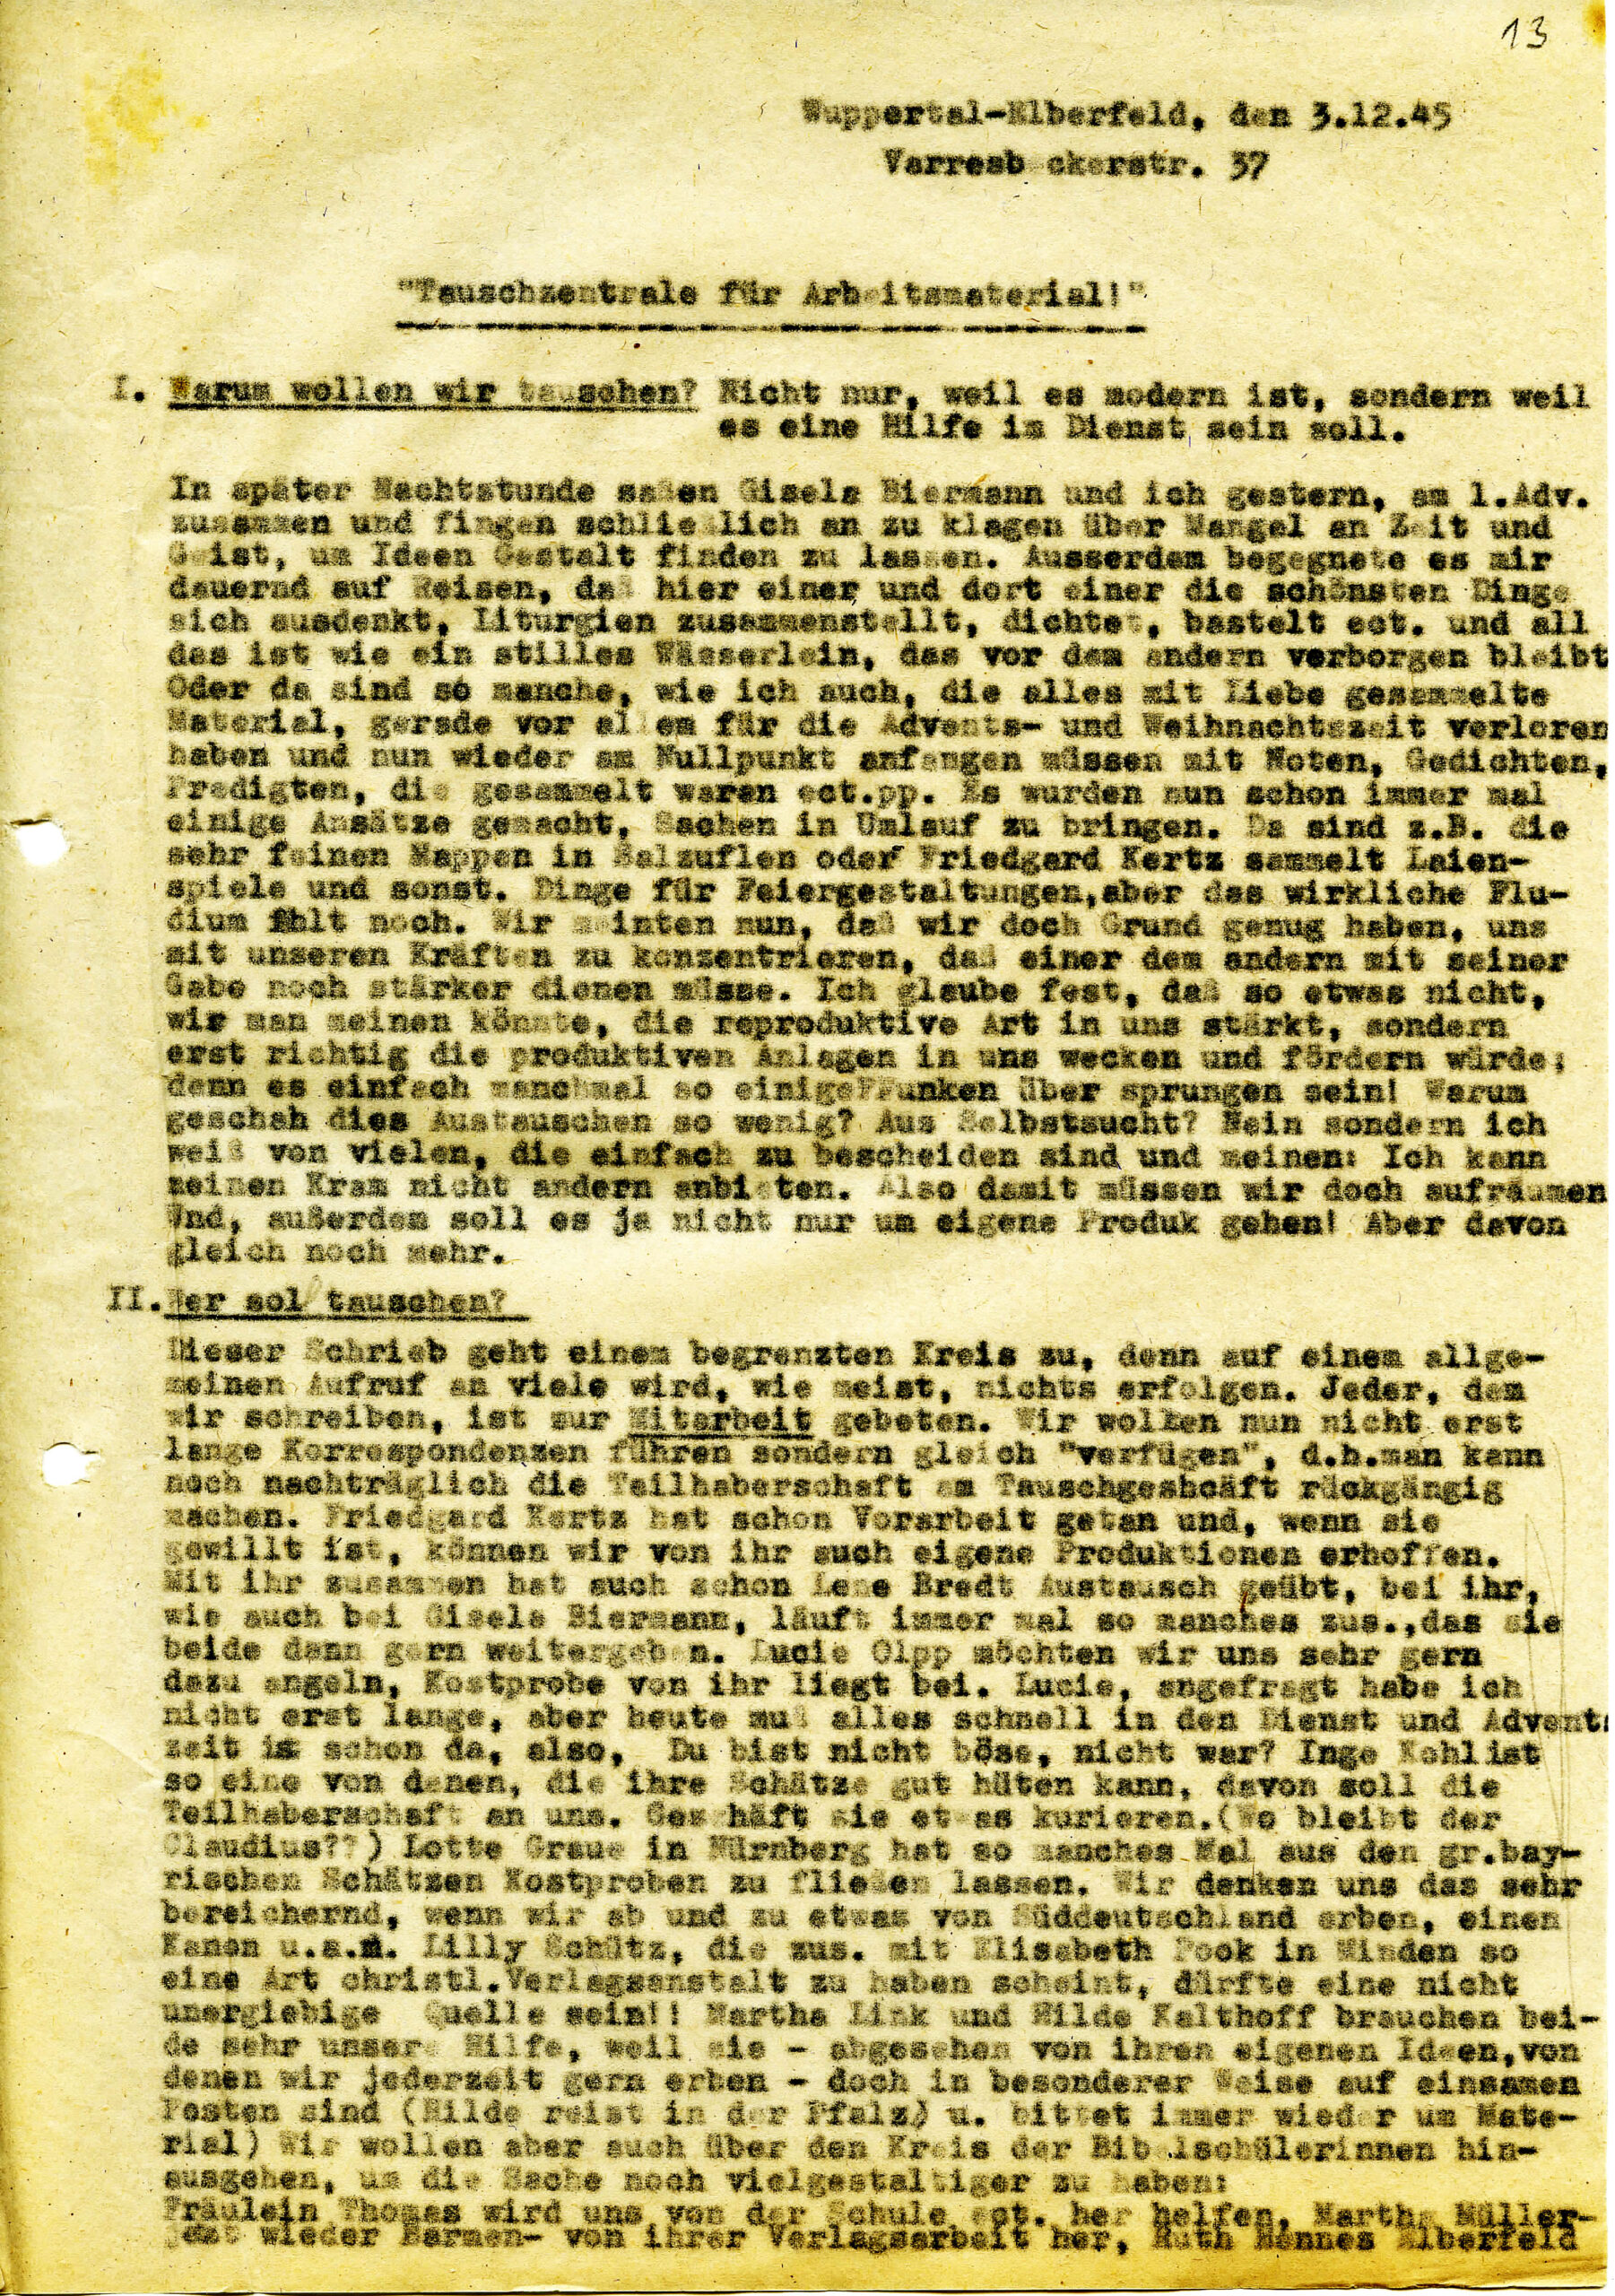 Rundschreiben von Käte Kreling vom 3. Dezember 1945.